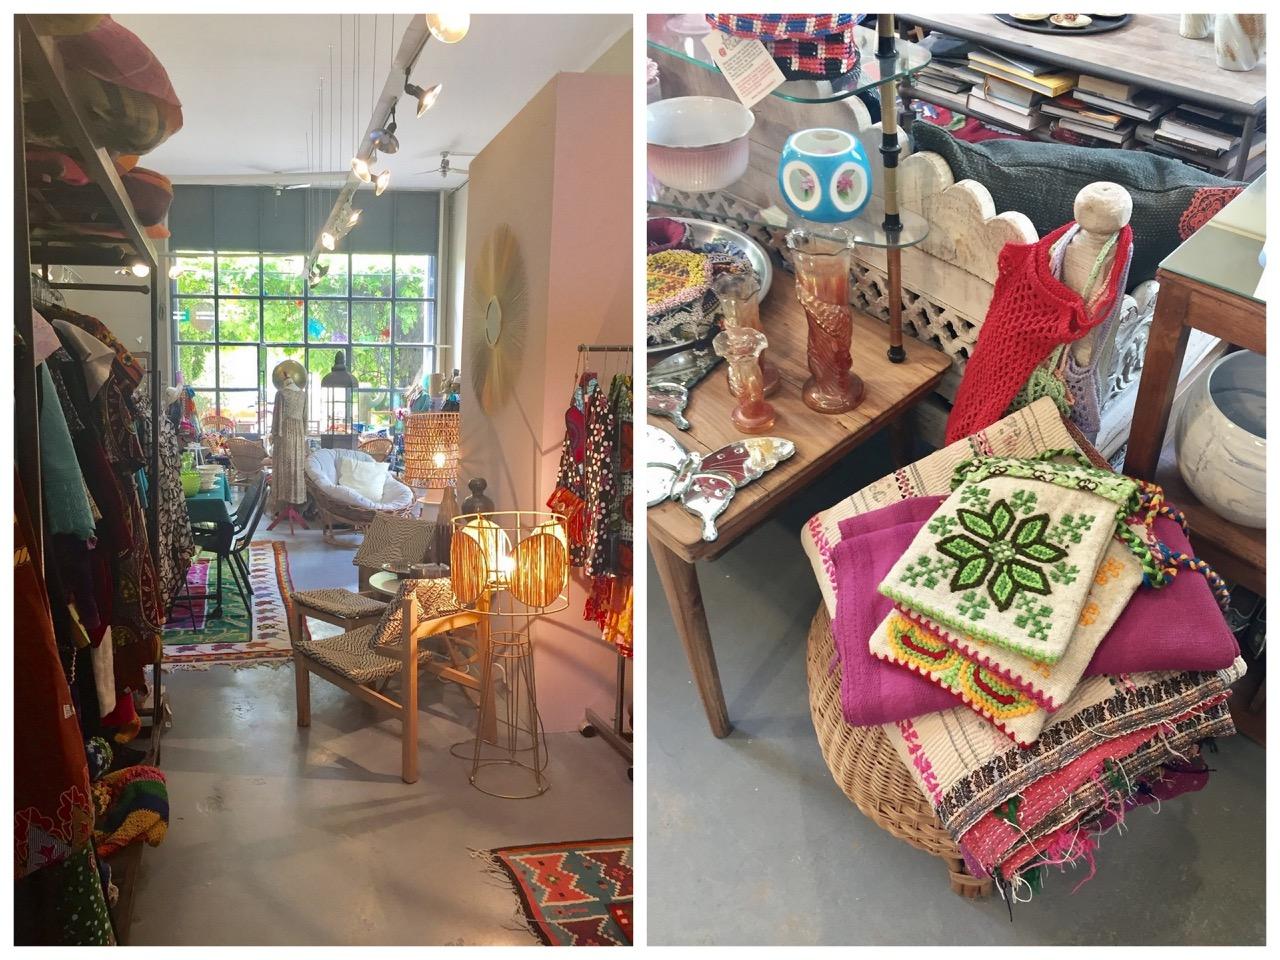 jeanne bayol,saint rémy de provence,provence,gypgy,bohème,roulottes,gitans,bohemians,concept-store,shopping,livres,auteur,mode,décoration,gypset living